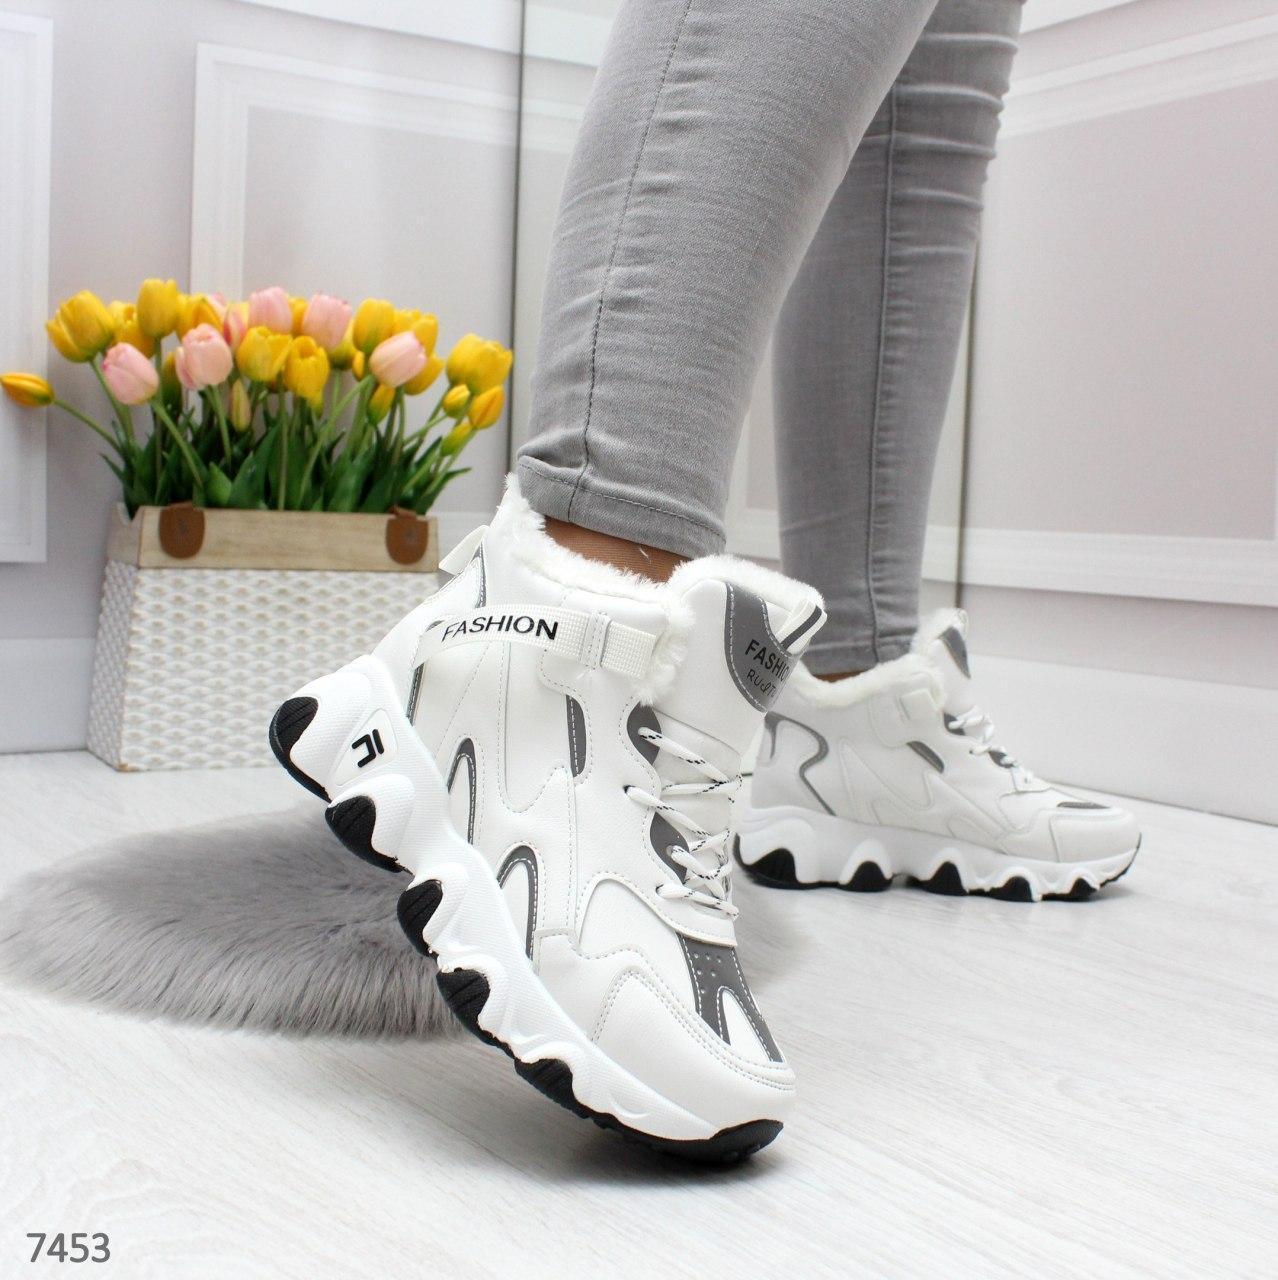 Женские зимние кроссовки на меху со светоотражающими вставками OB7453